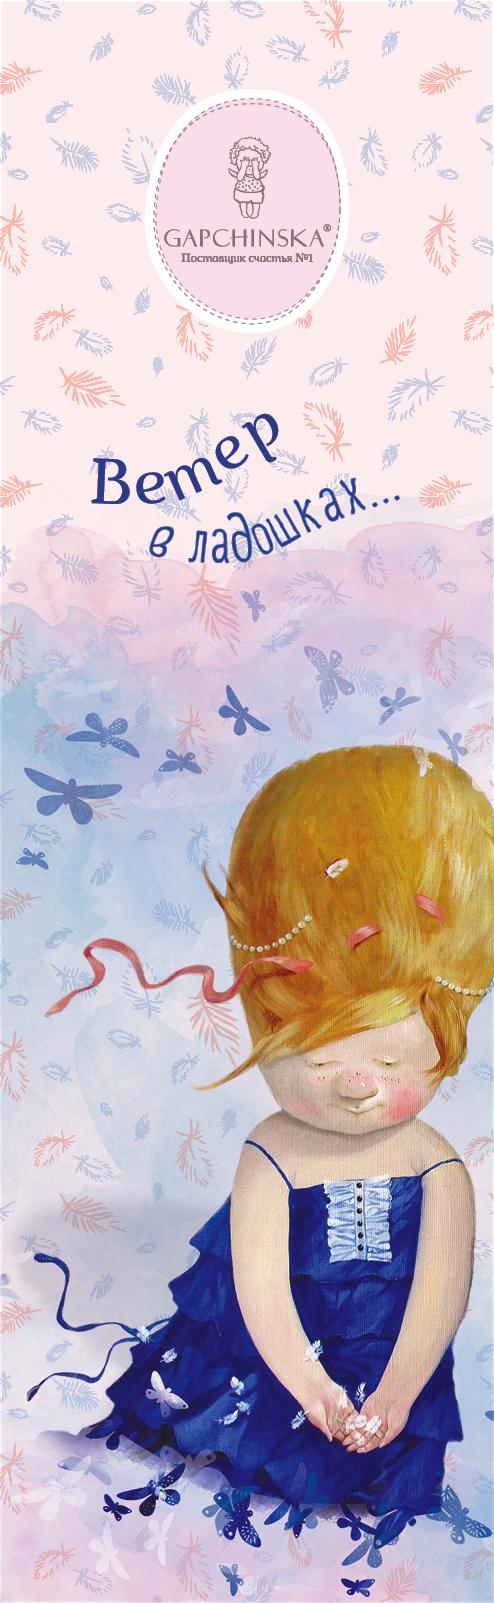 Гапчинская Е. - Набор из 12 закладок. Гапчинская (Арте) обложка книги